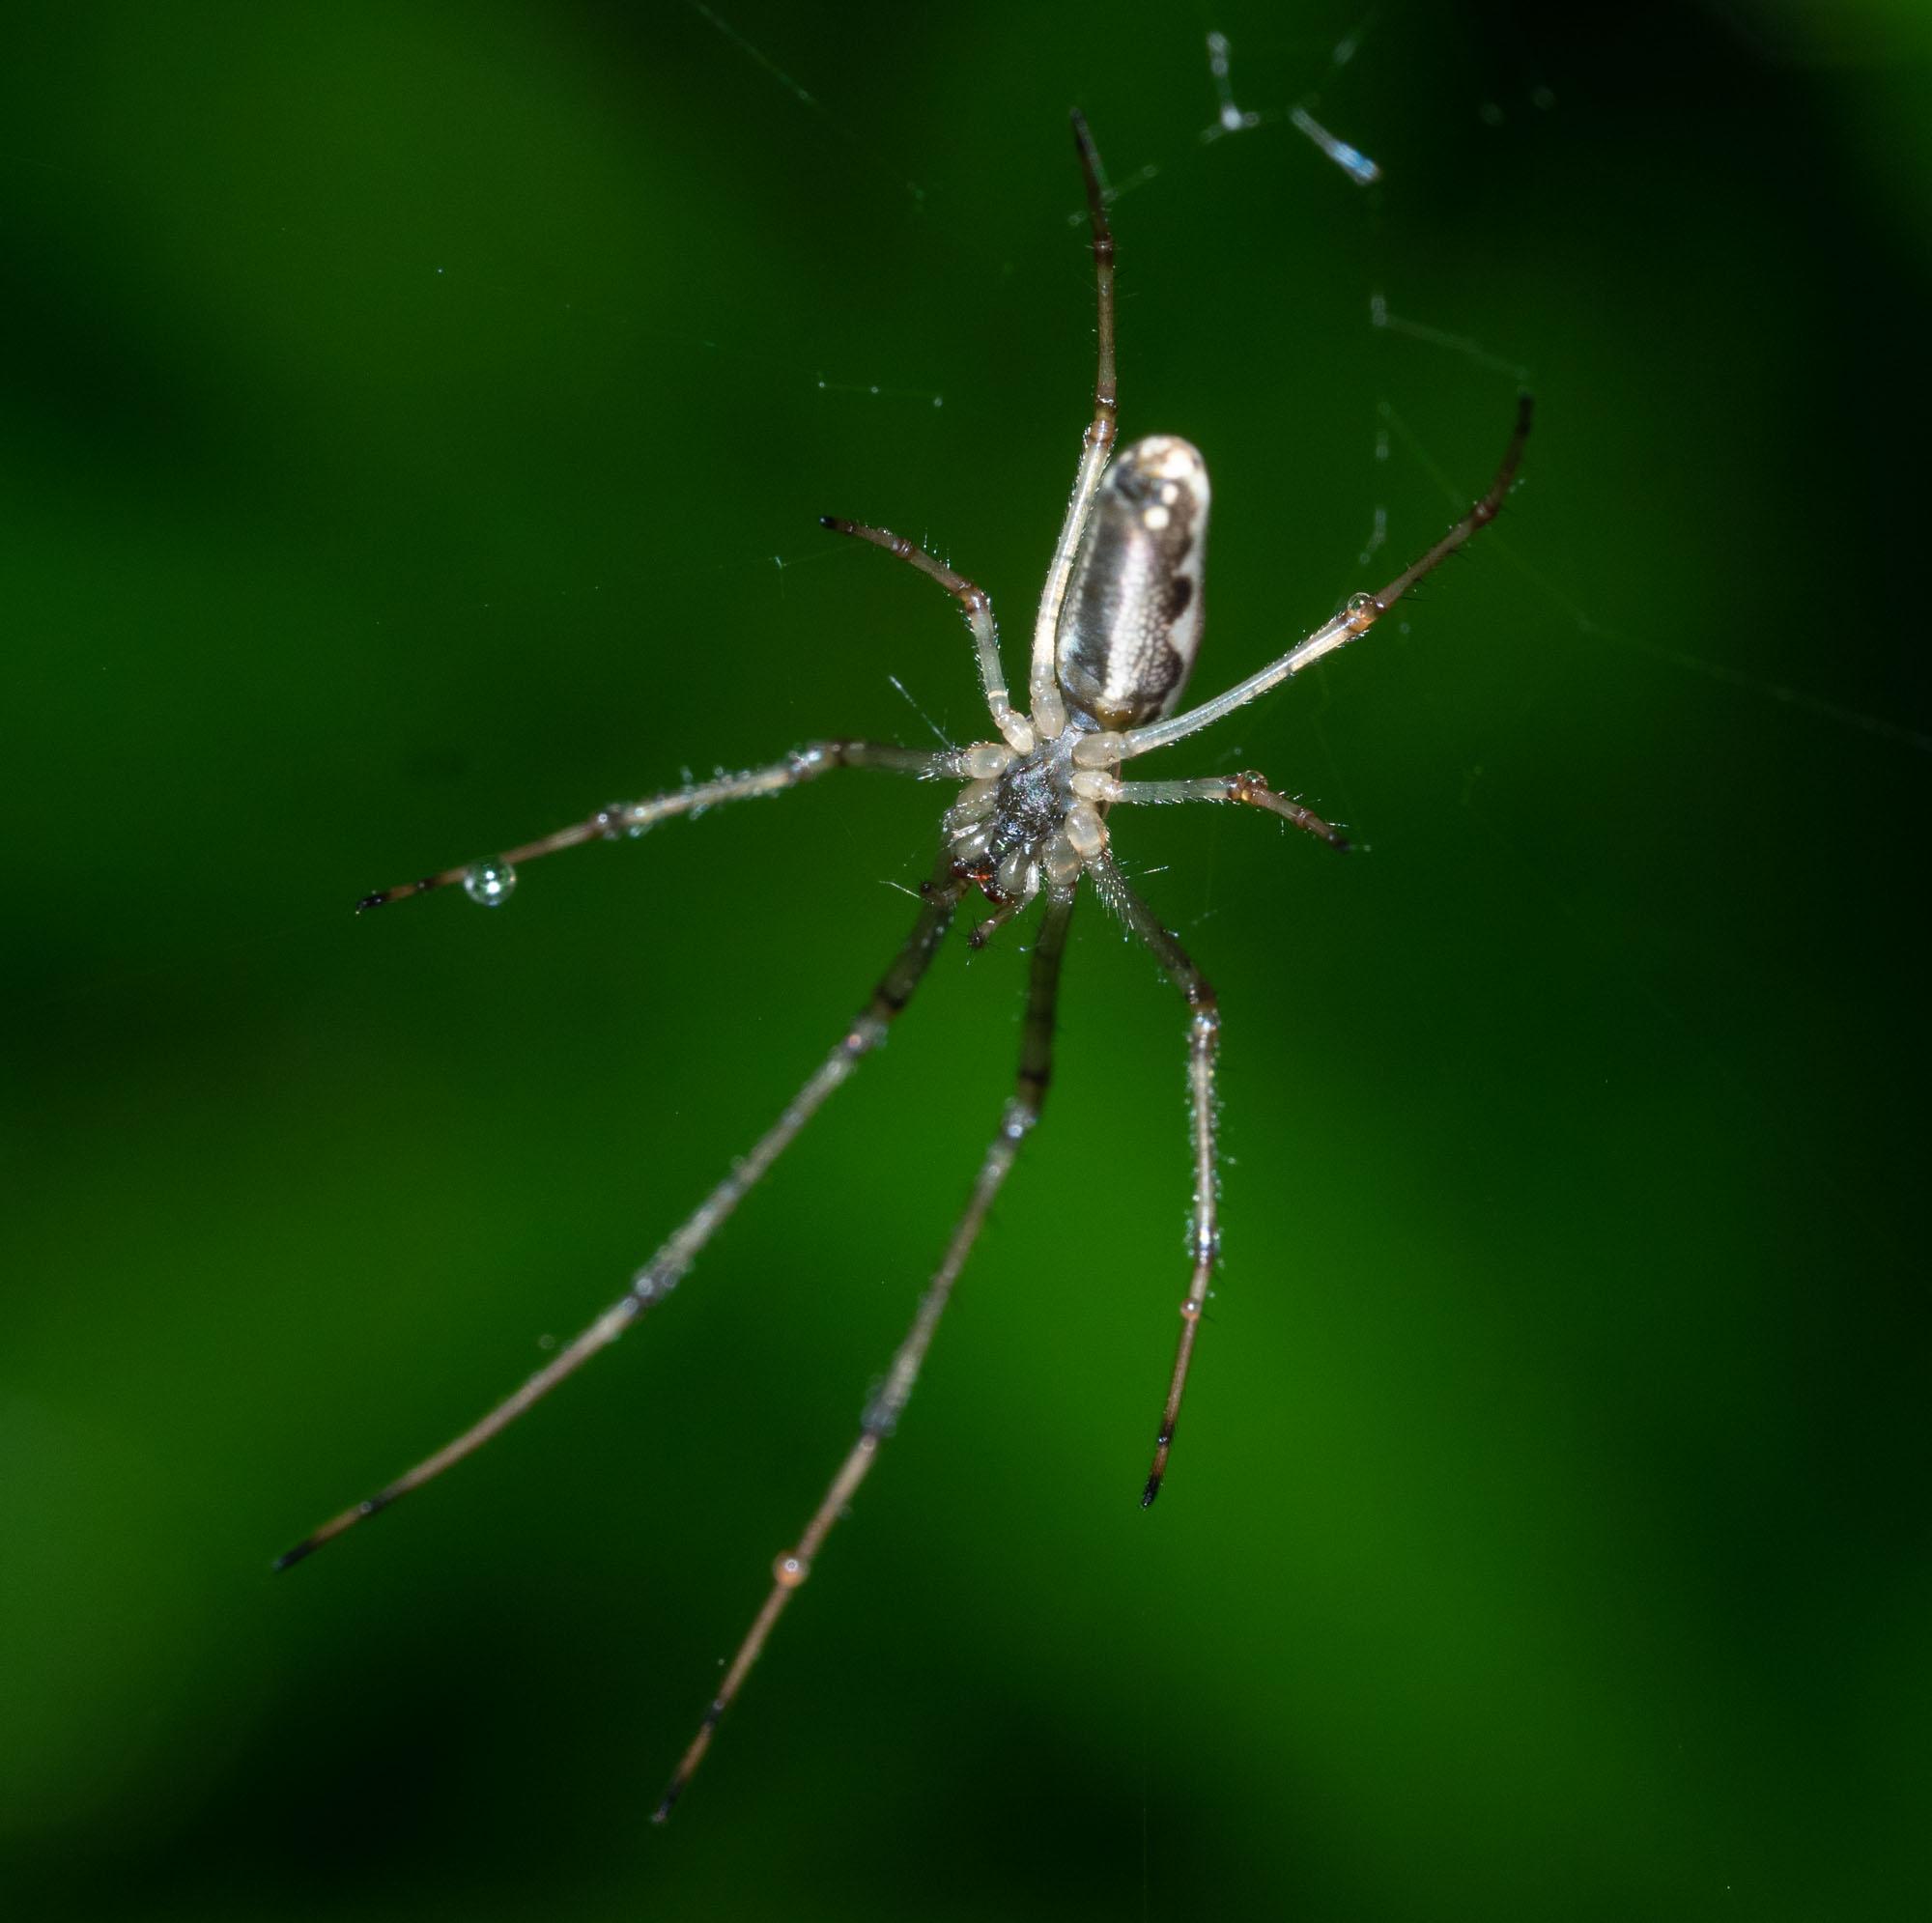 Orbweaver spiders had spun their webs